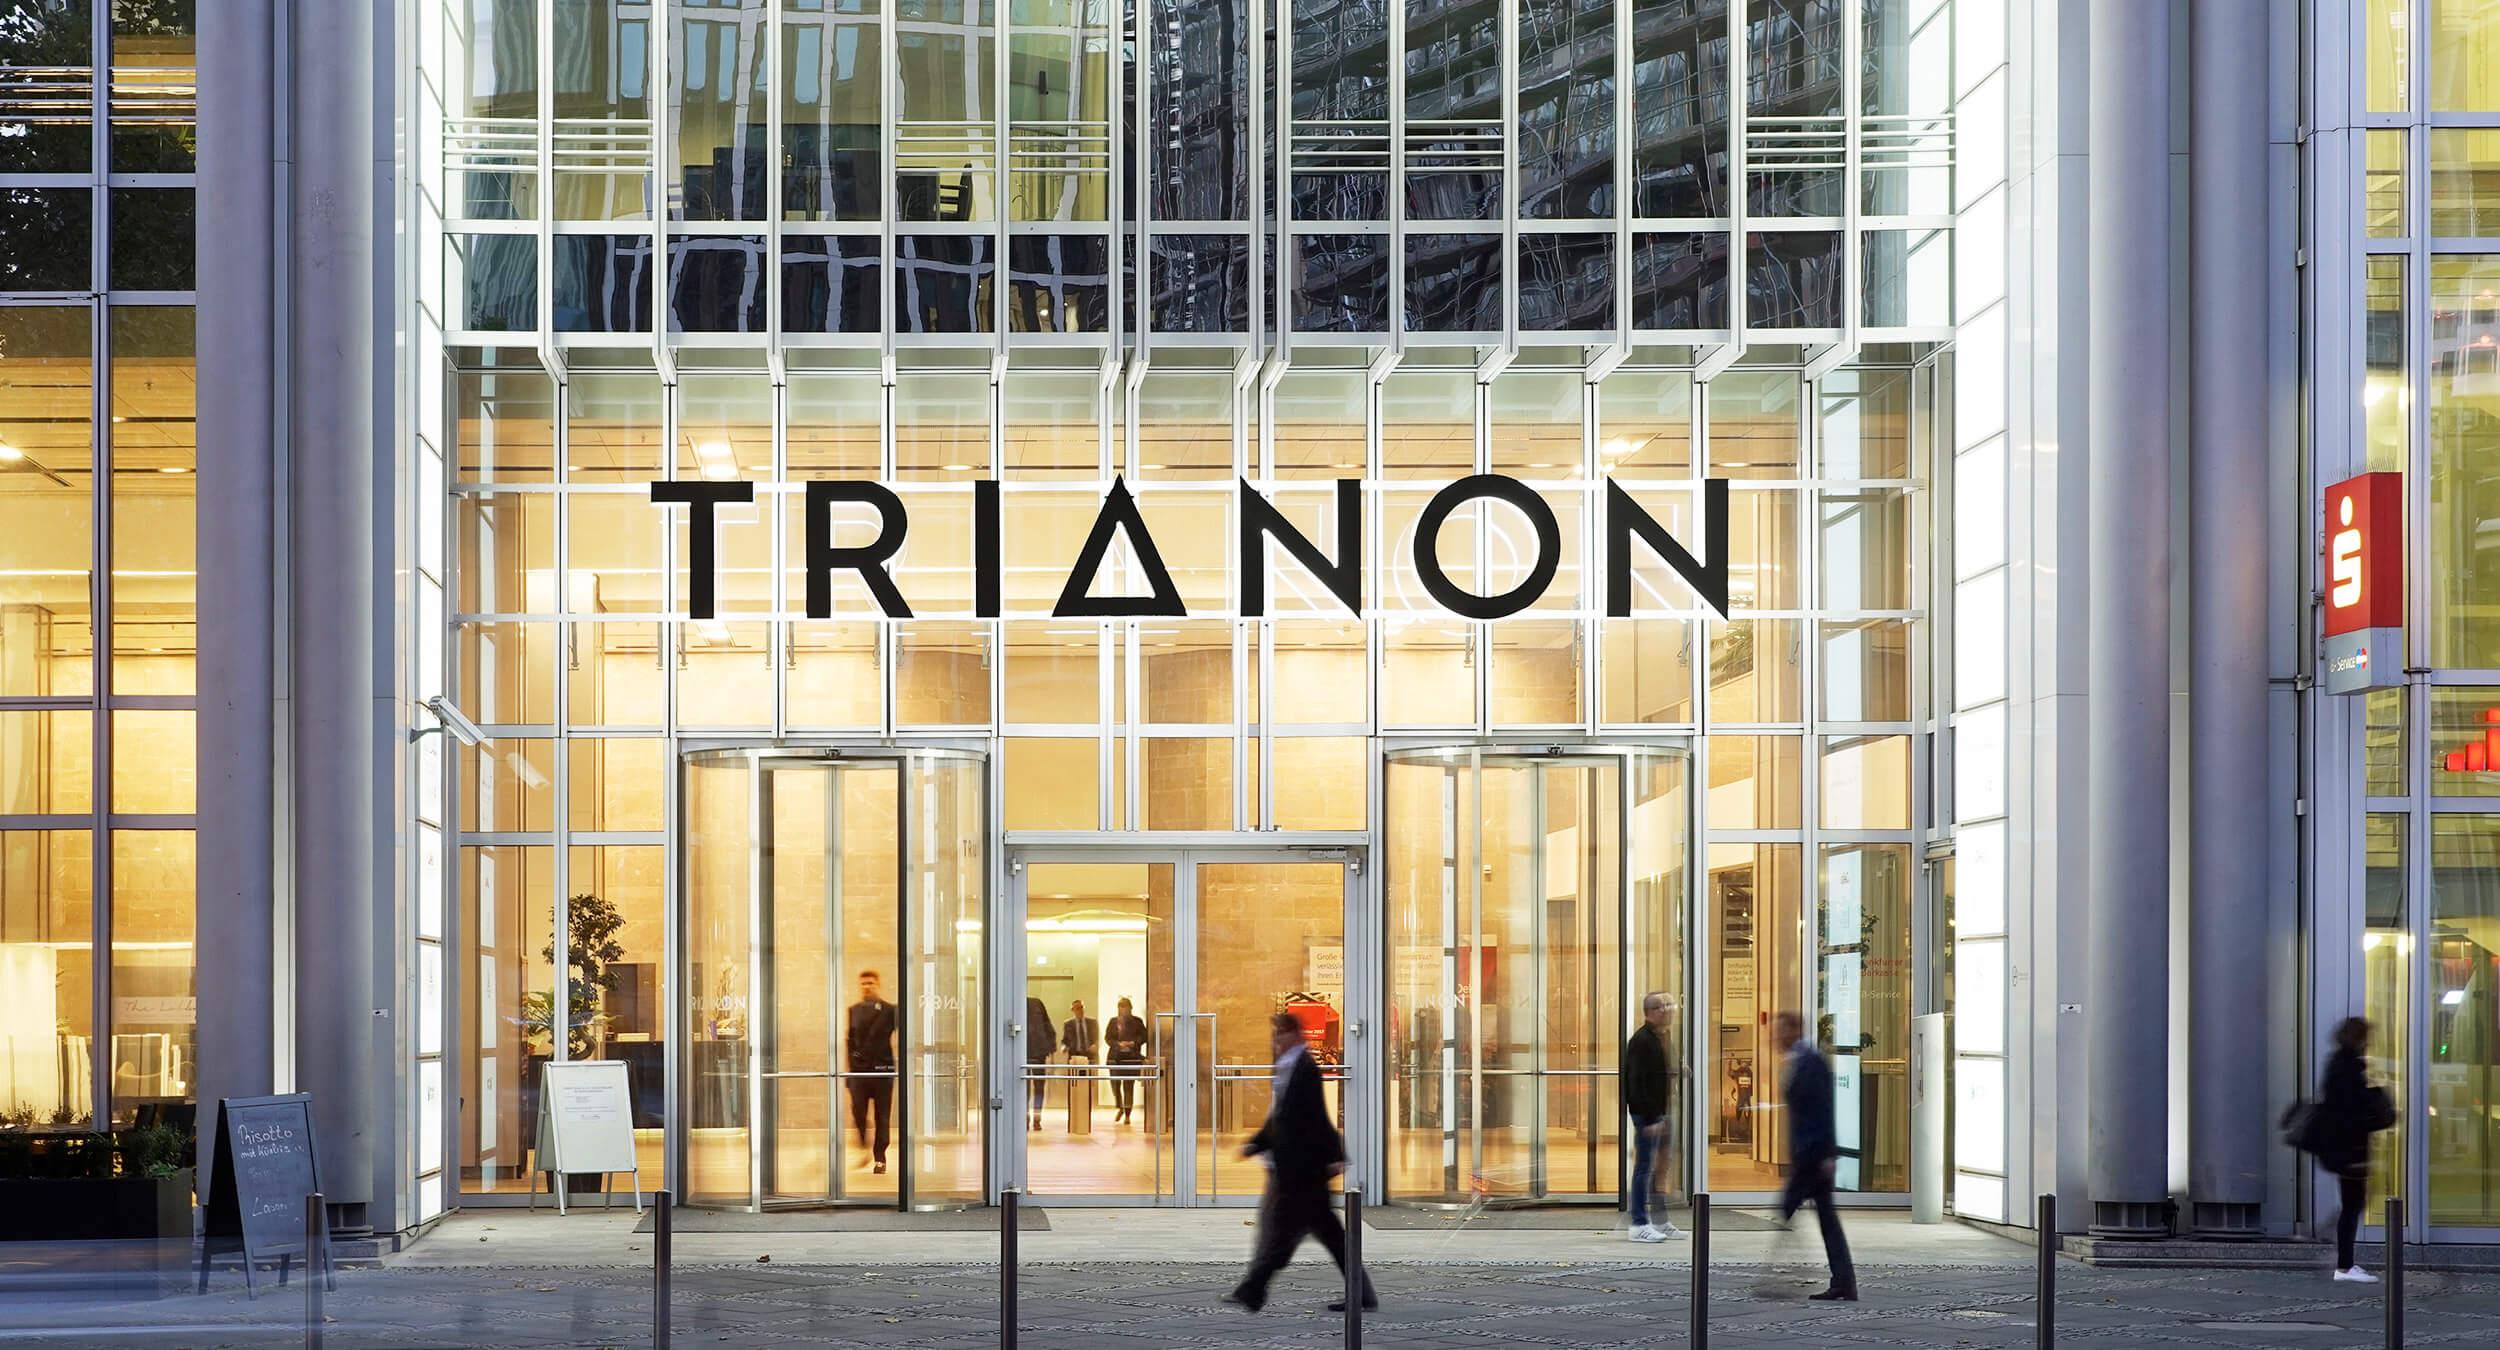 activ consult bringt neues Logo an Fassade des Hochhauses Trianon im Bankenviertel Frankfurt